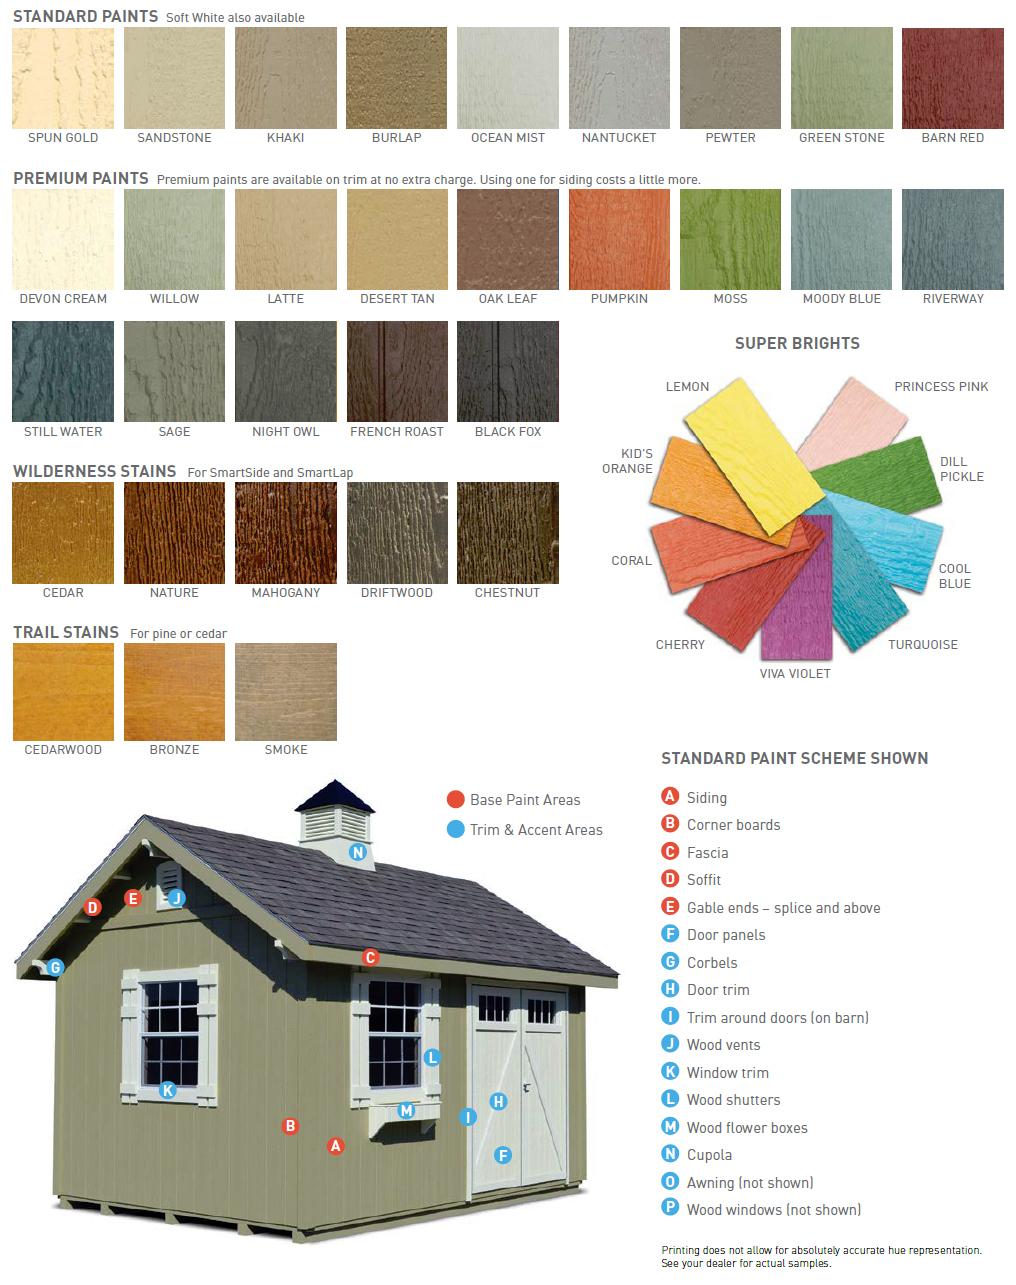 jdm-paint-colors.jpg